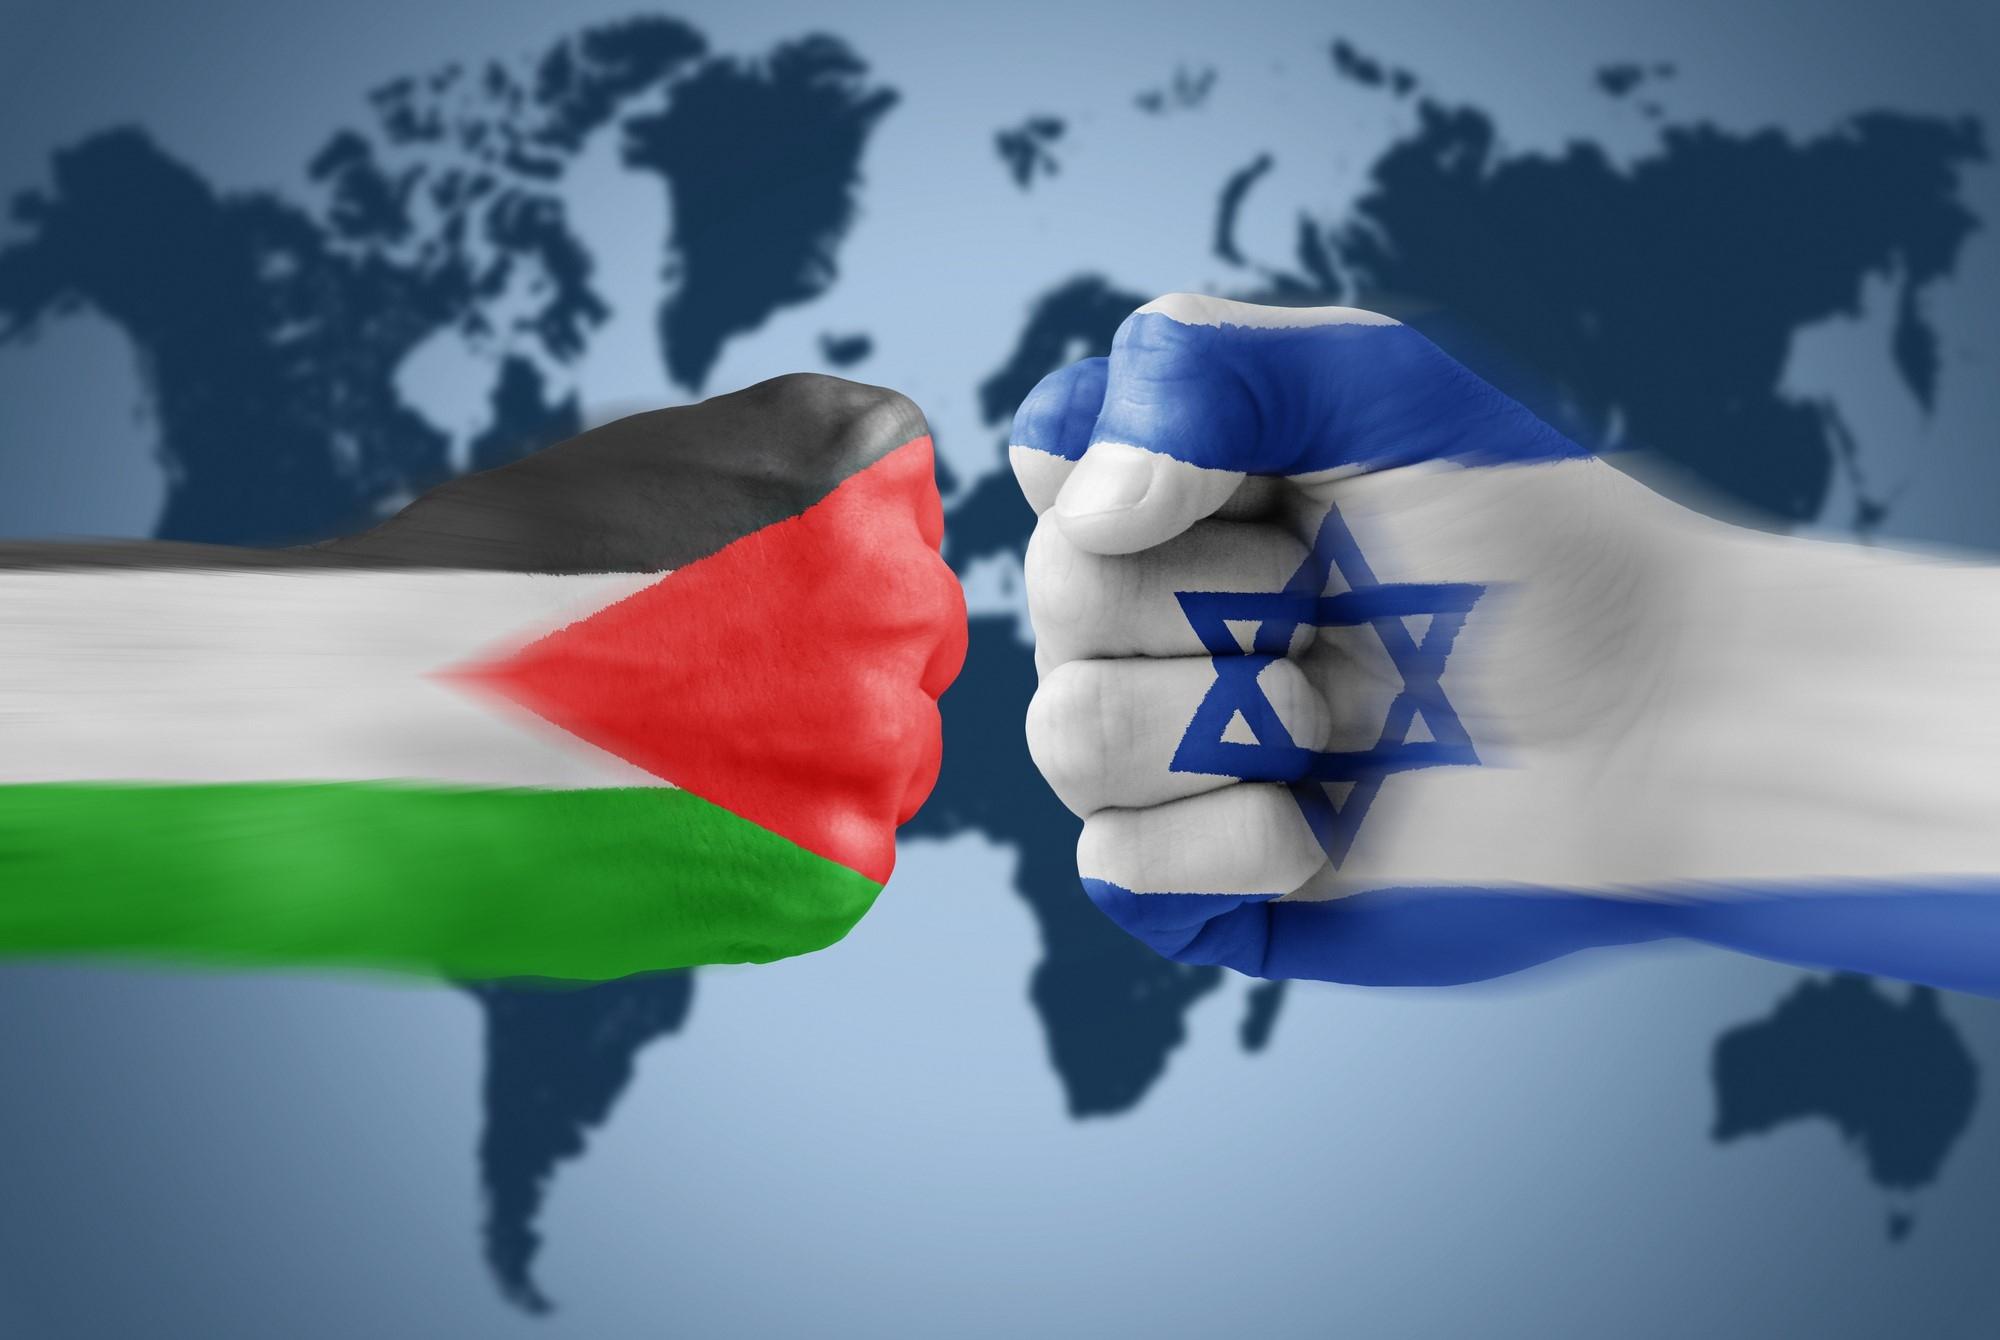 Os palestinos têm raízes judaicas?